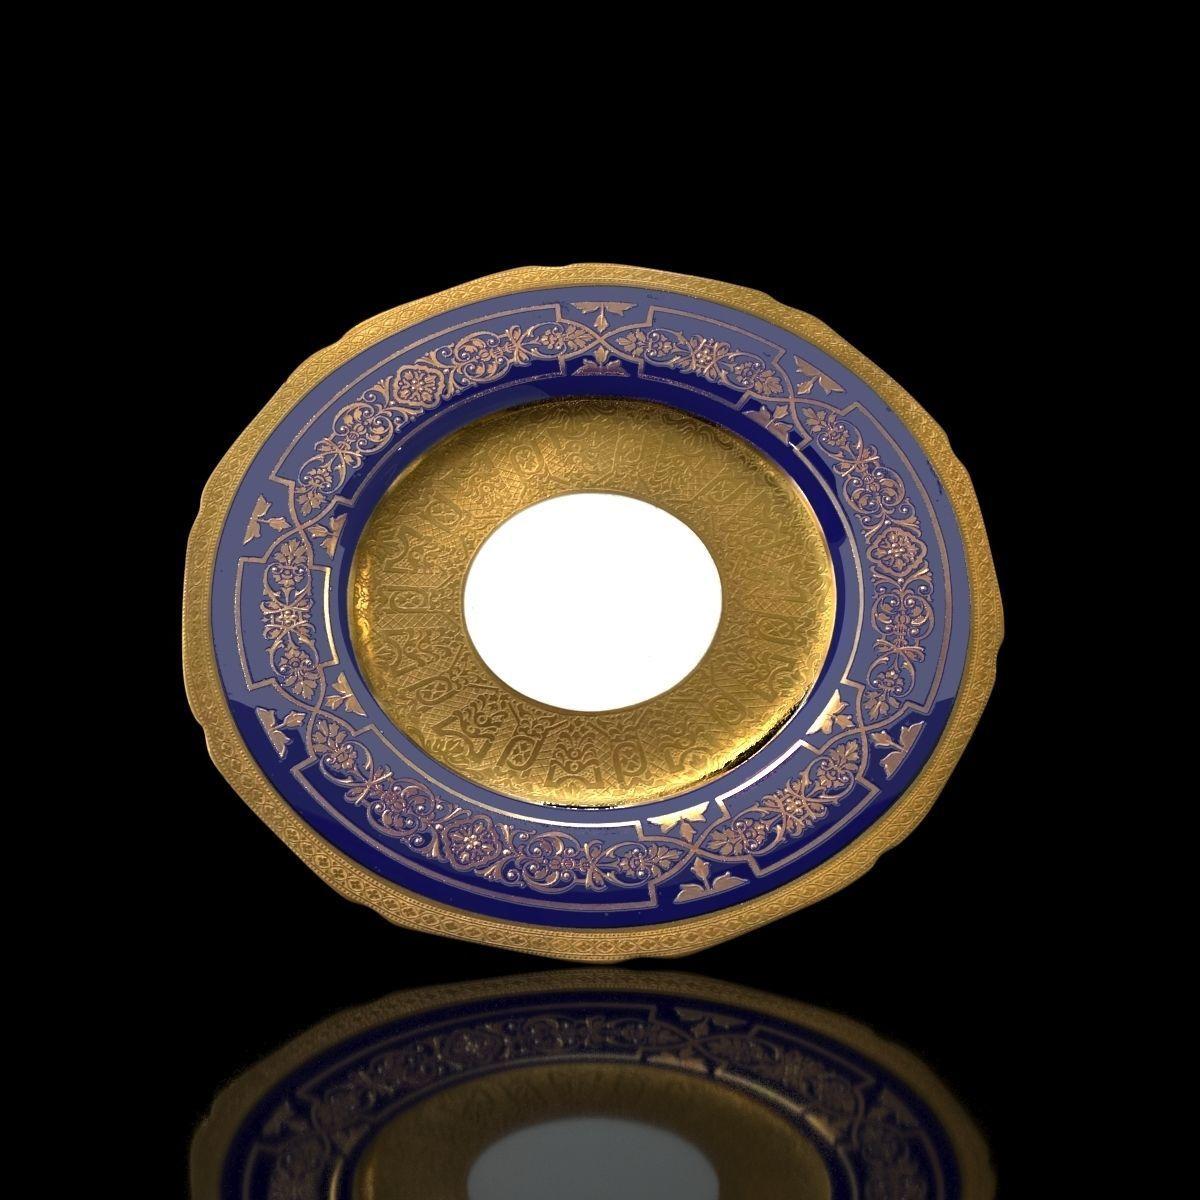 China Royal Chelsea Porcelain Dinner Plate